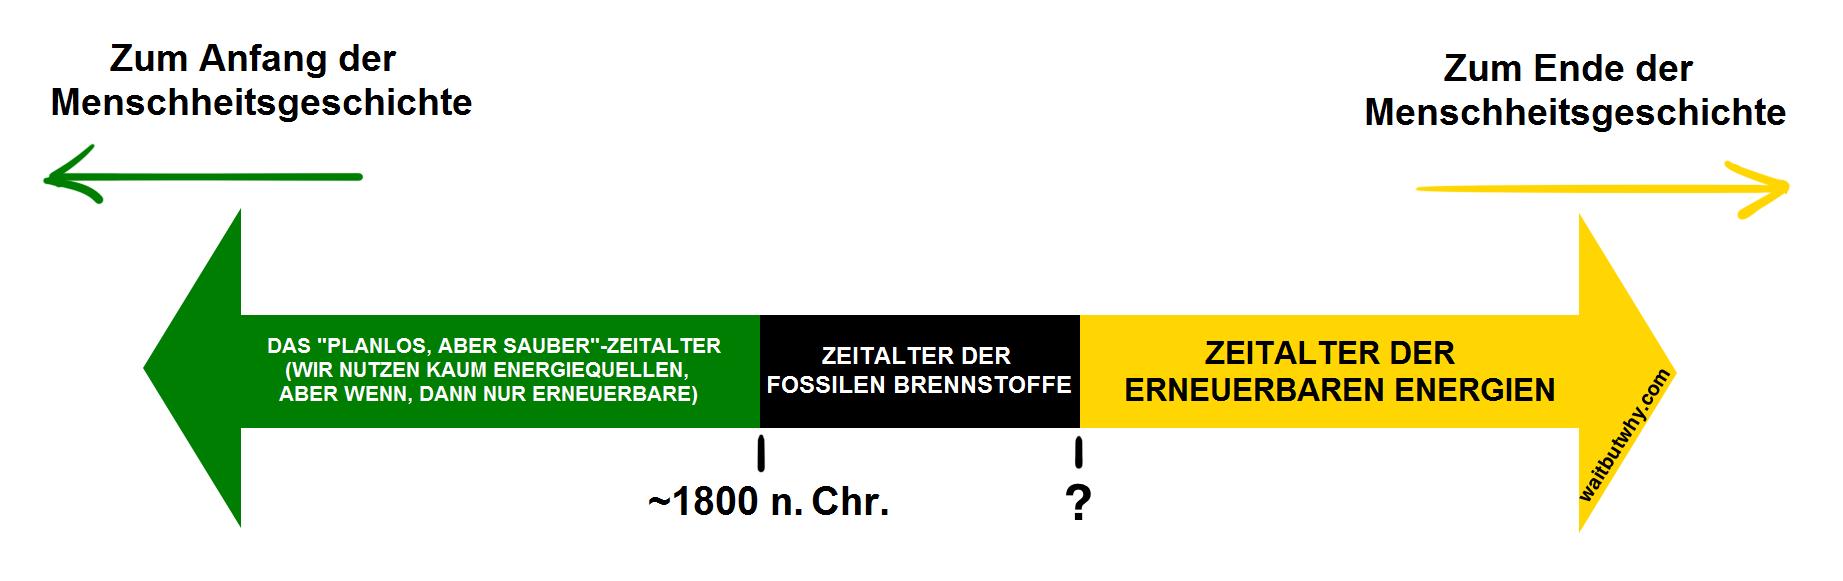 ff-timeline